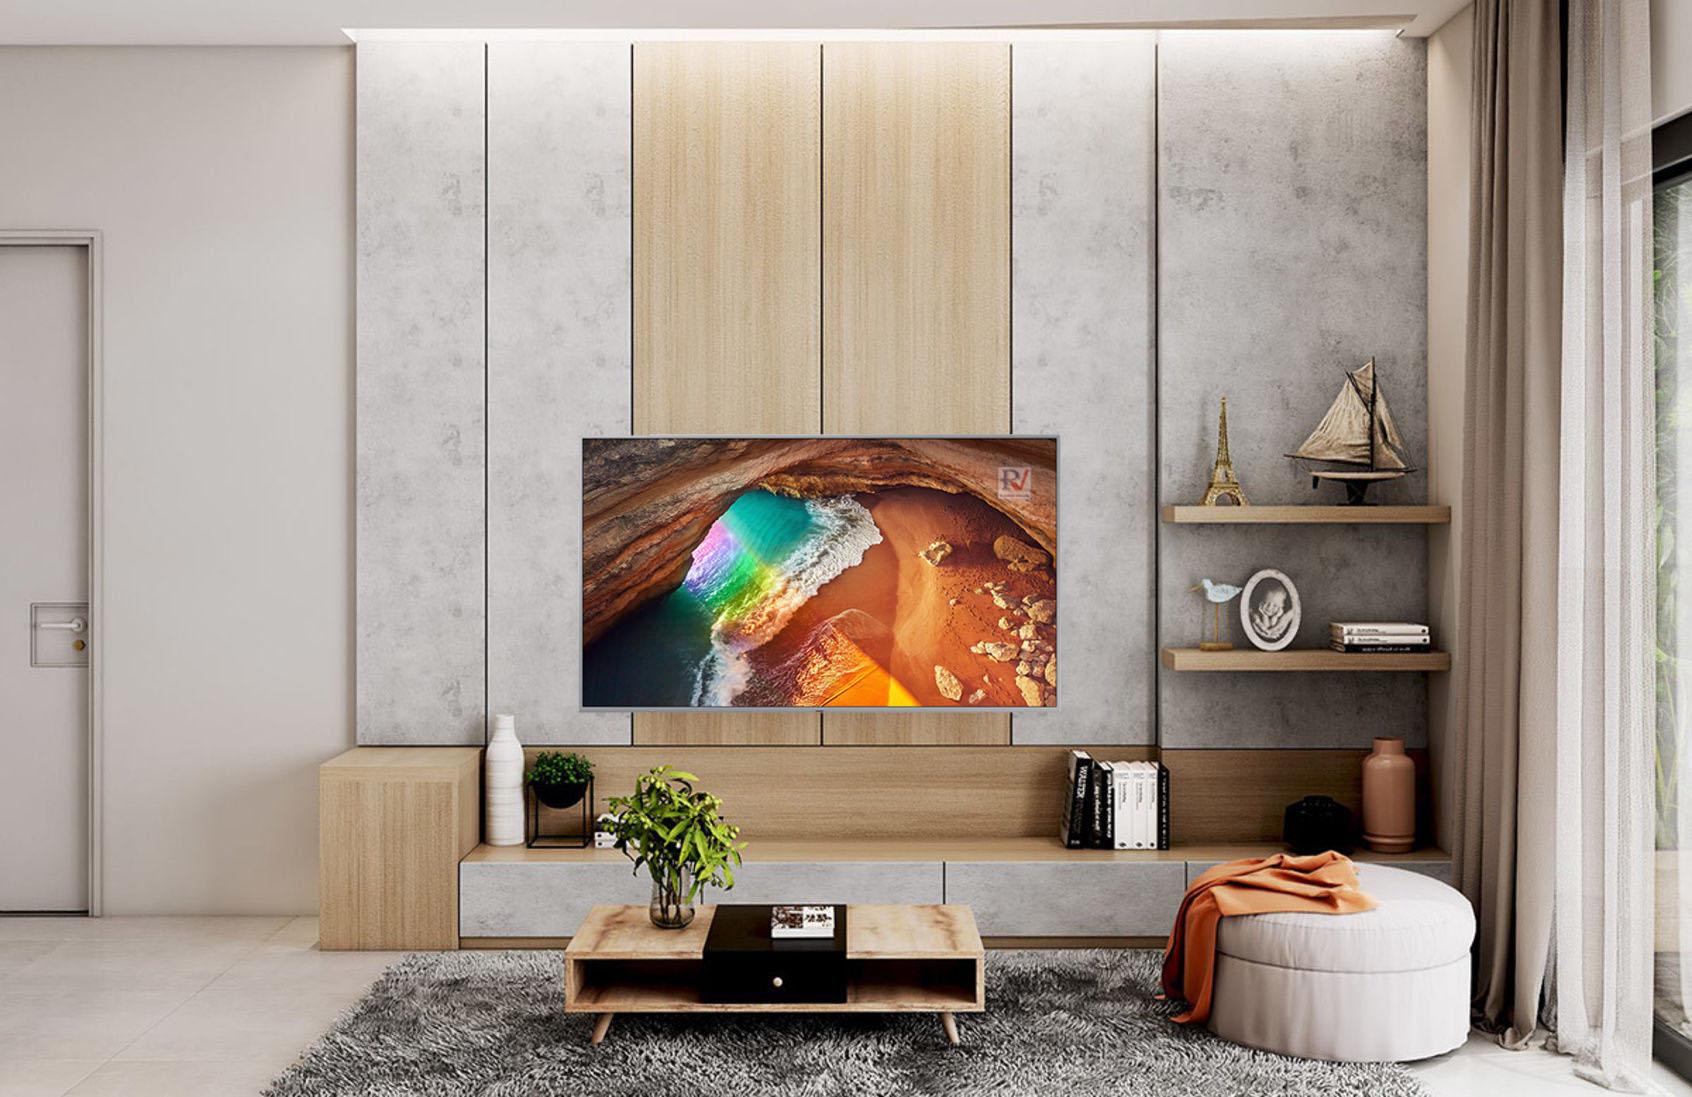 Smart Tivi QLED Samsung 4K 75 inch QA75Q65RAKXXV thiết kế sang trọng đẹp mắt